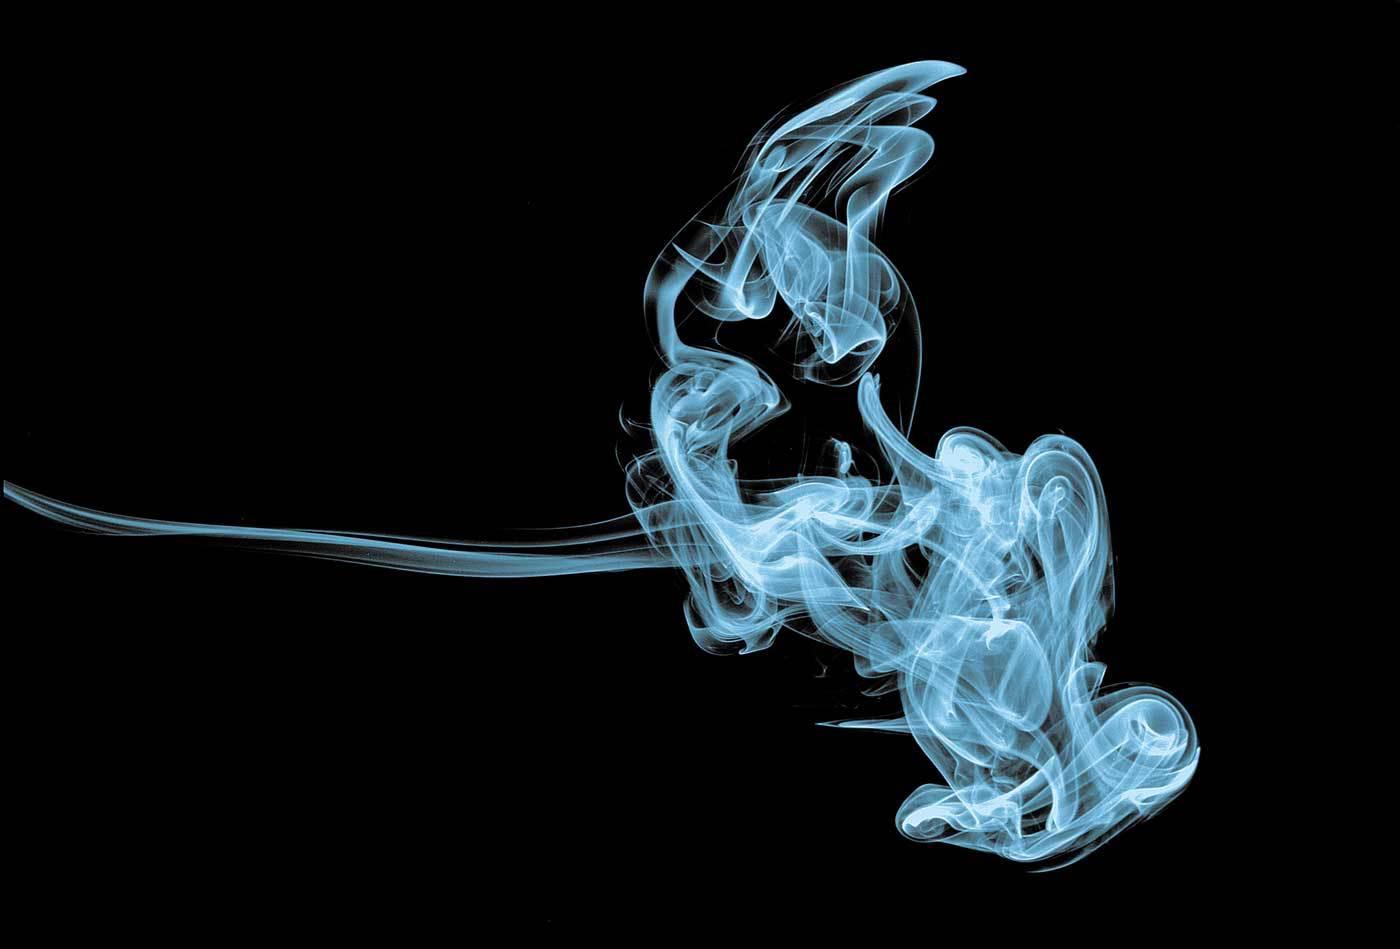 Philip Morris veut faire disparaître la cigarette...mais pas le tabac